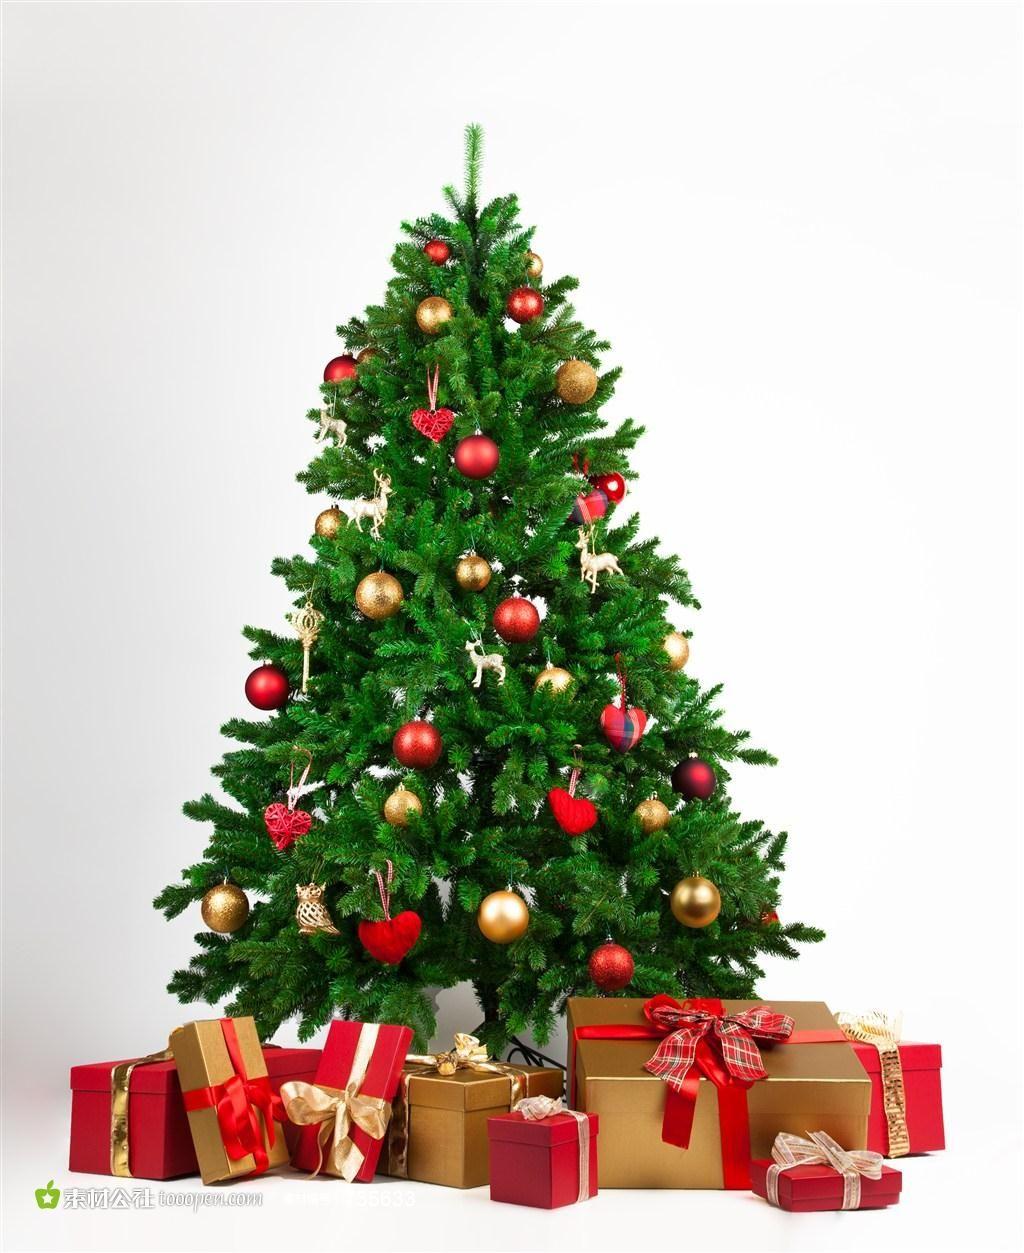 weihnachtsbaum png httpswwwausmalbilderco